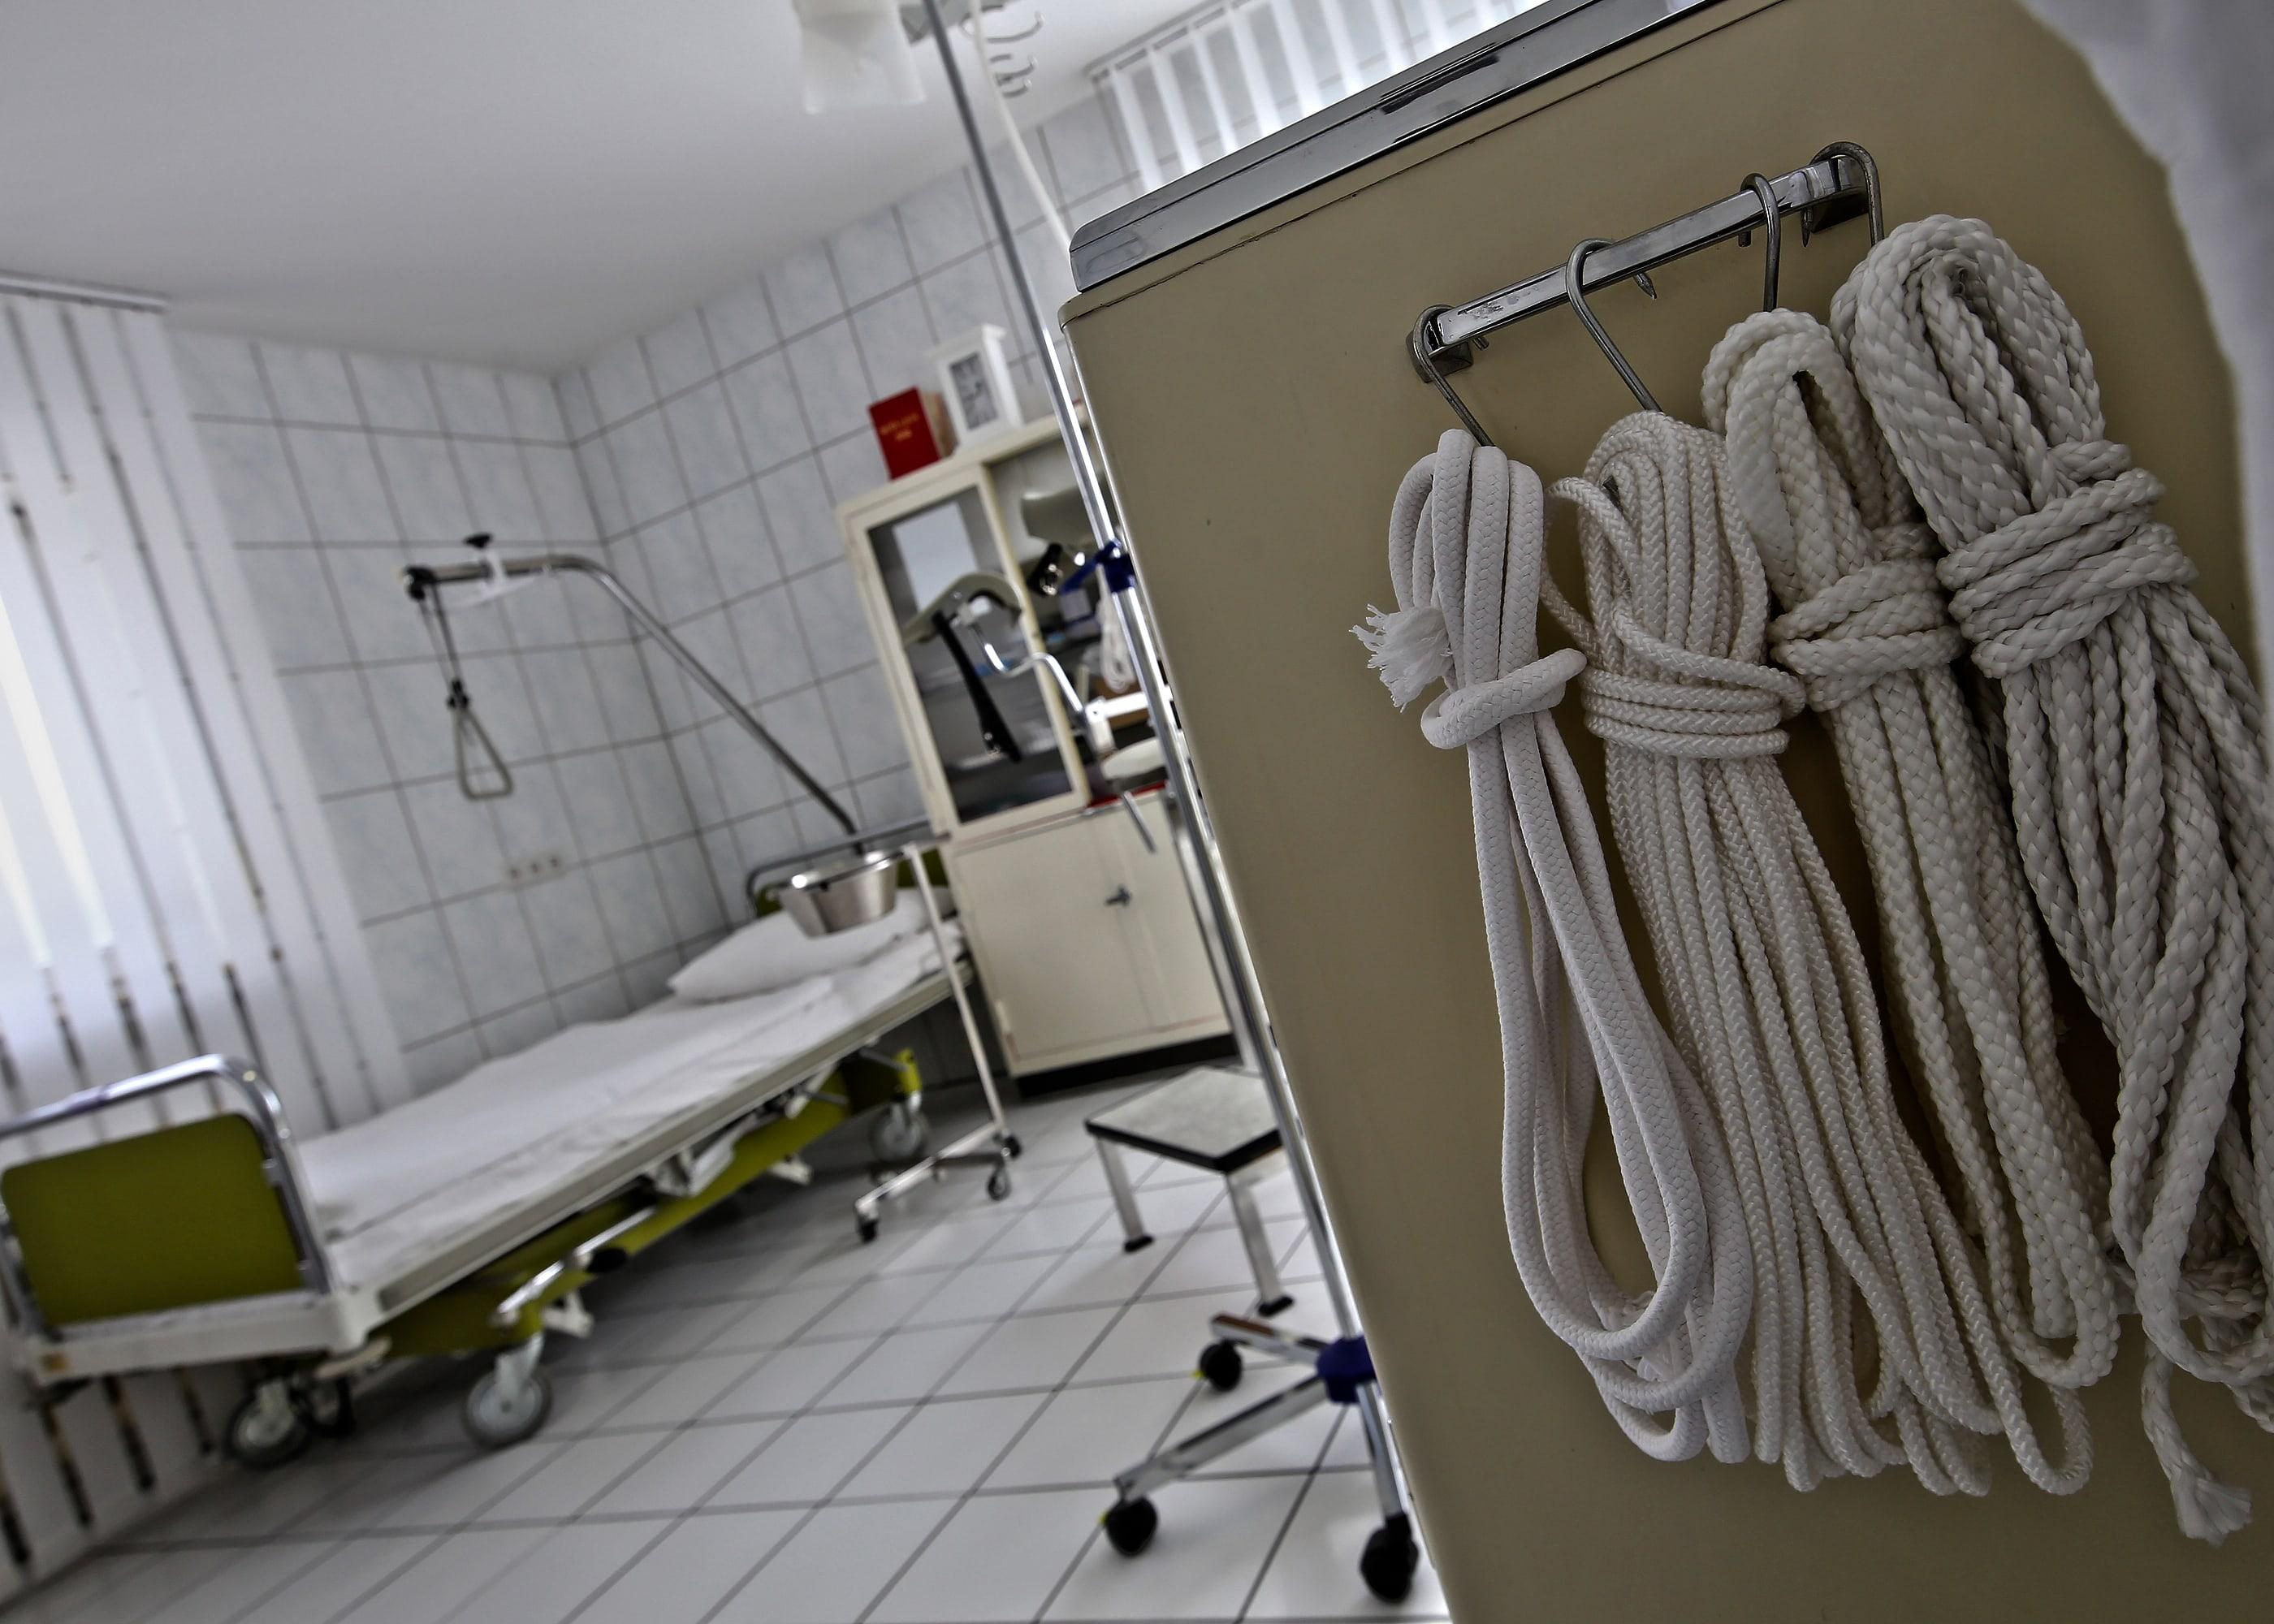 Untersuchungszimmer(DieKlinik)6